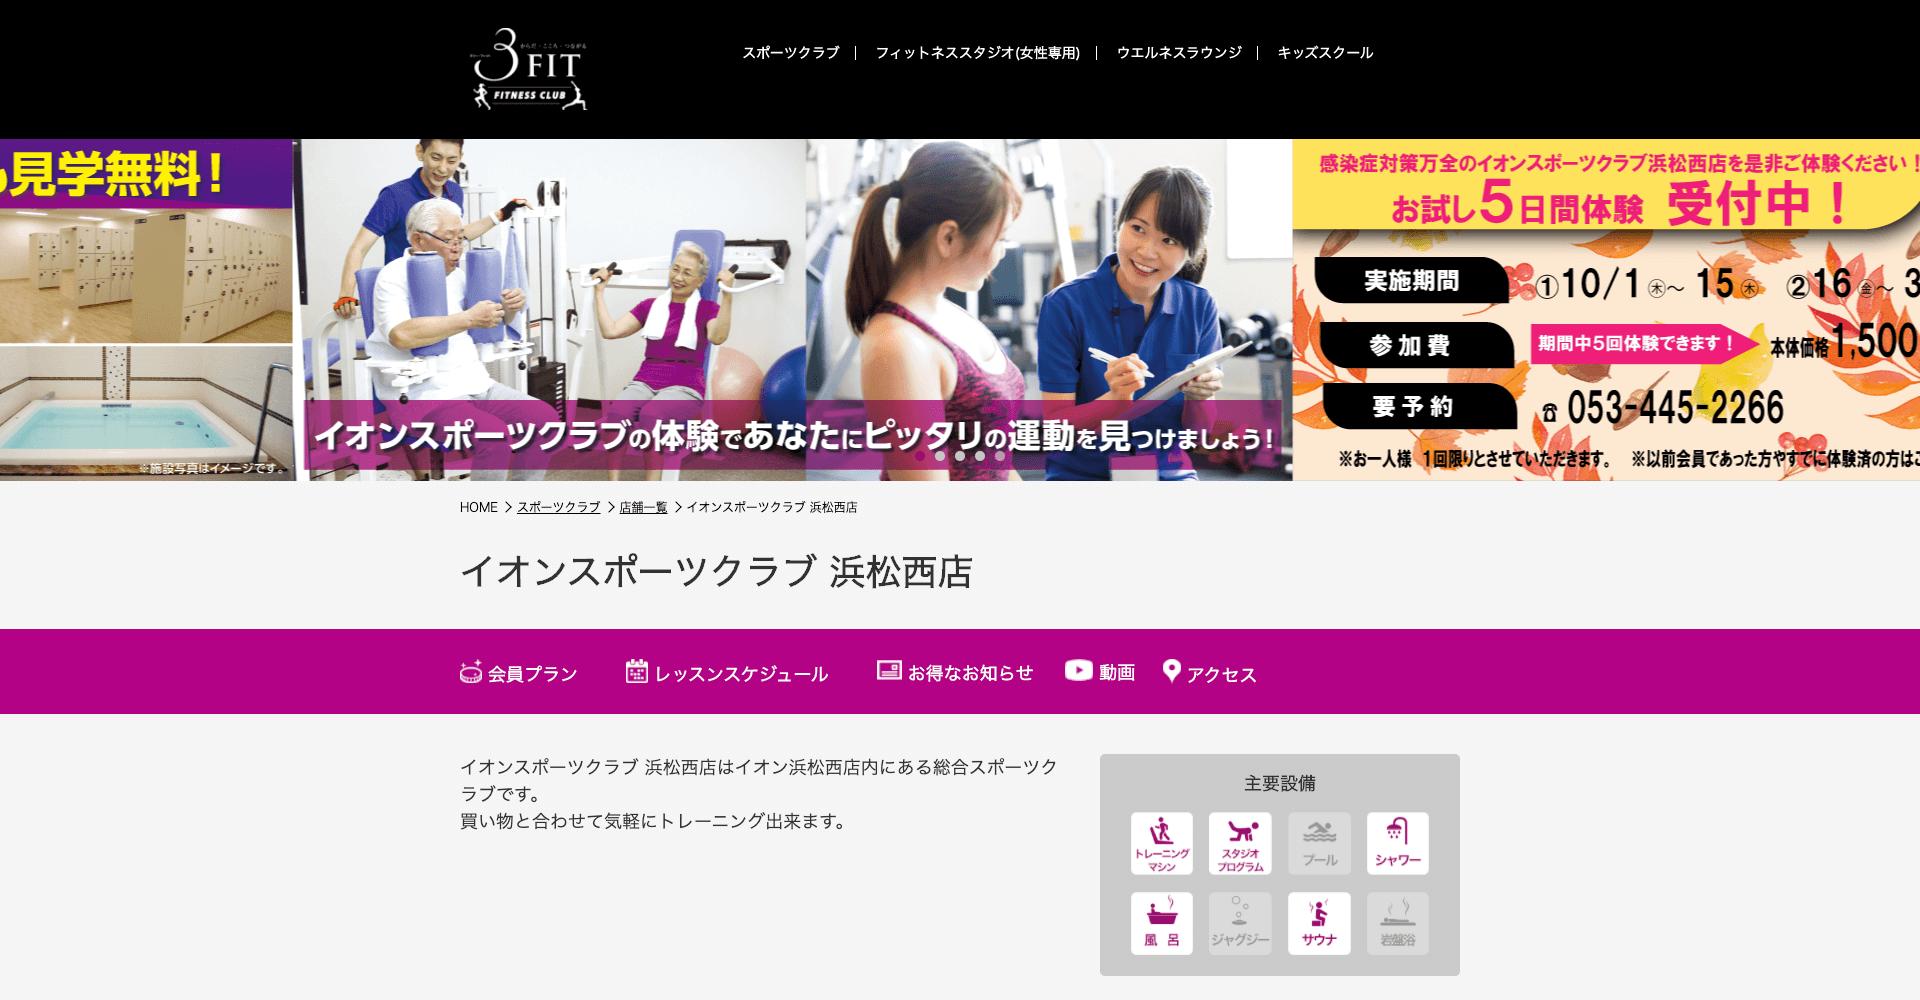 イオンスポーツクラブ 浜松西店